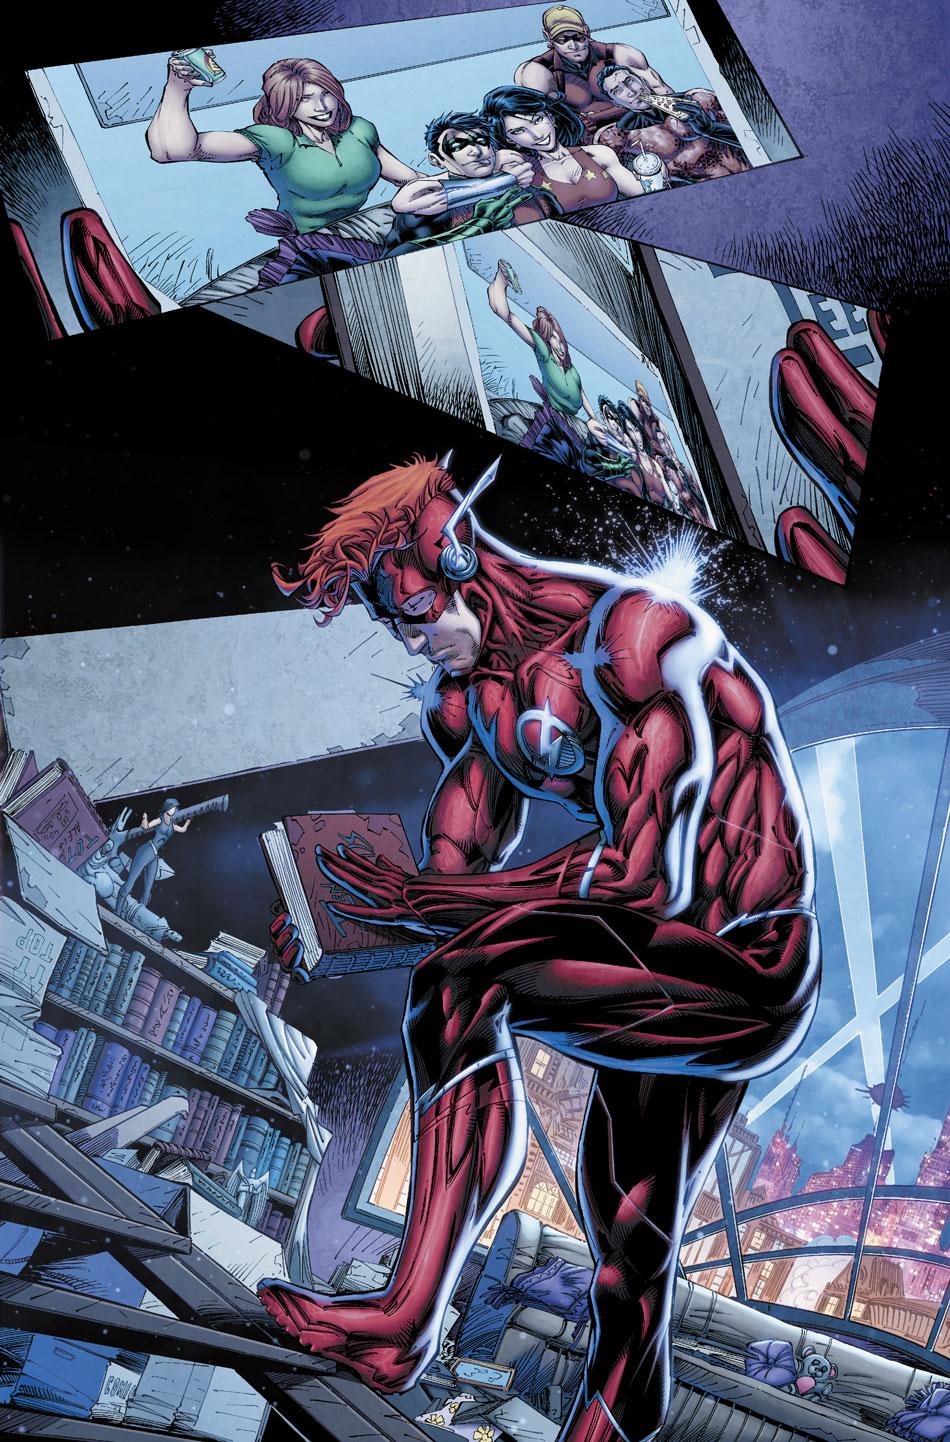 TITANS: REBIRTH #1 page 3